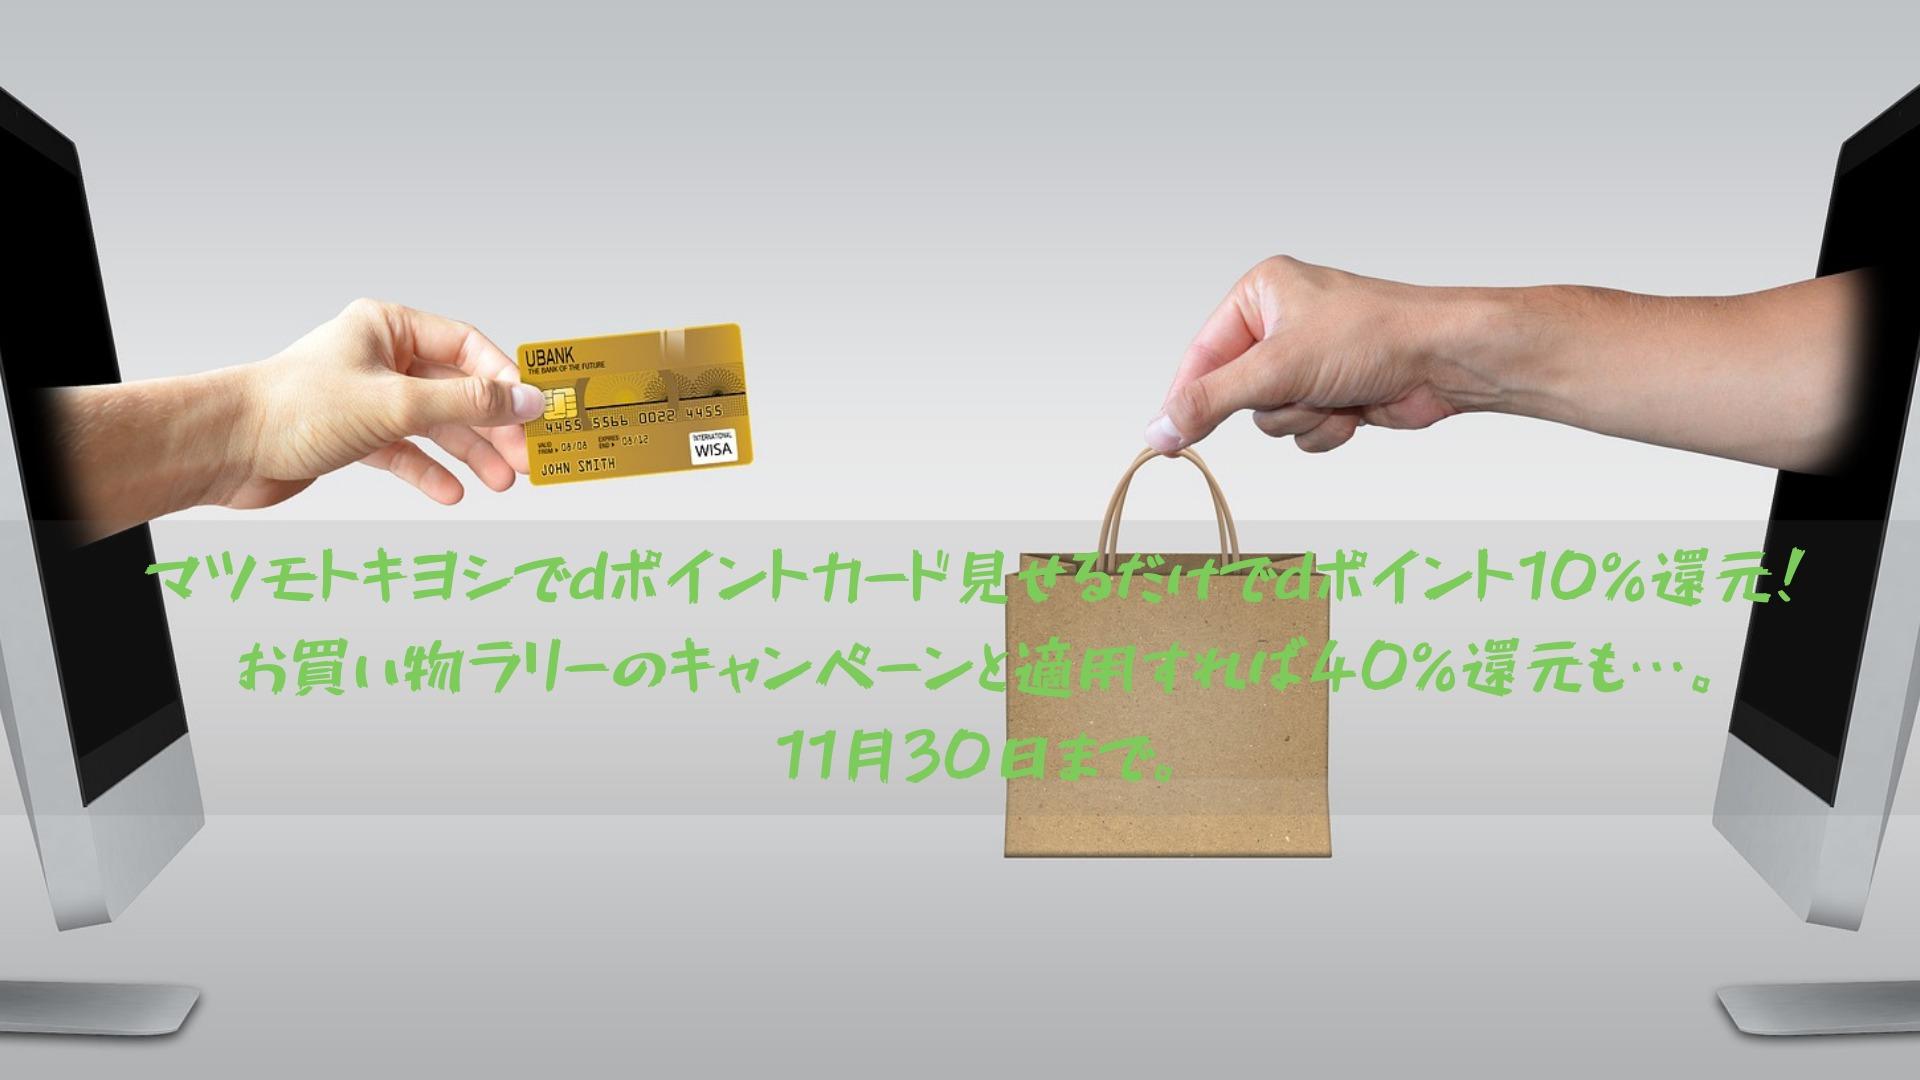 マツモトキヨシでdポイントカード見せるだけでdポイント10%還元!お買い物ラリーのキャンペーンと適用すれば40%還元も…。※11月30日まで。